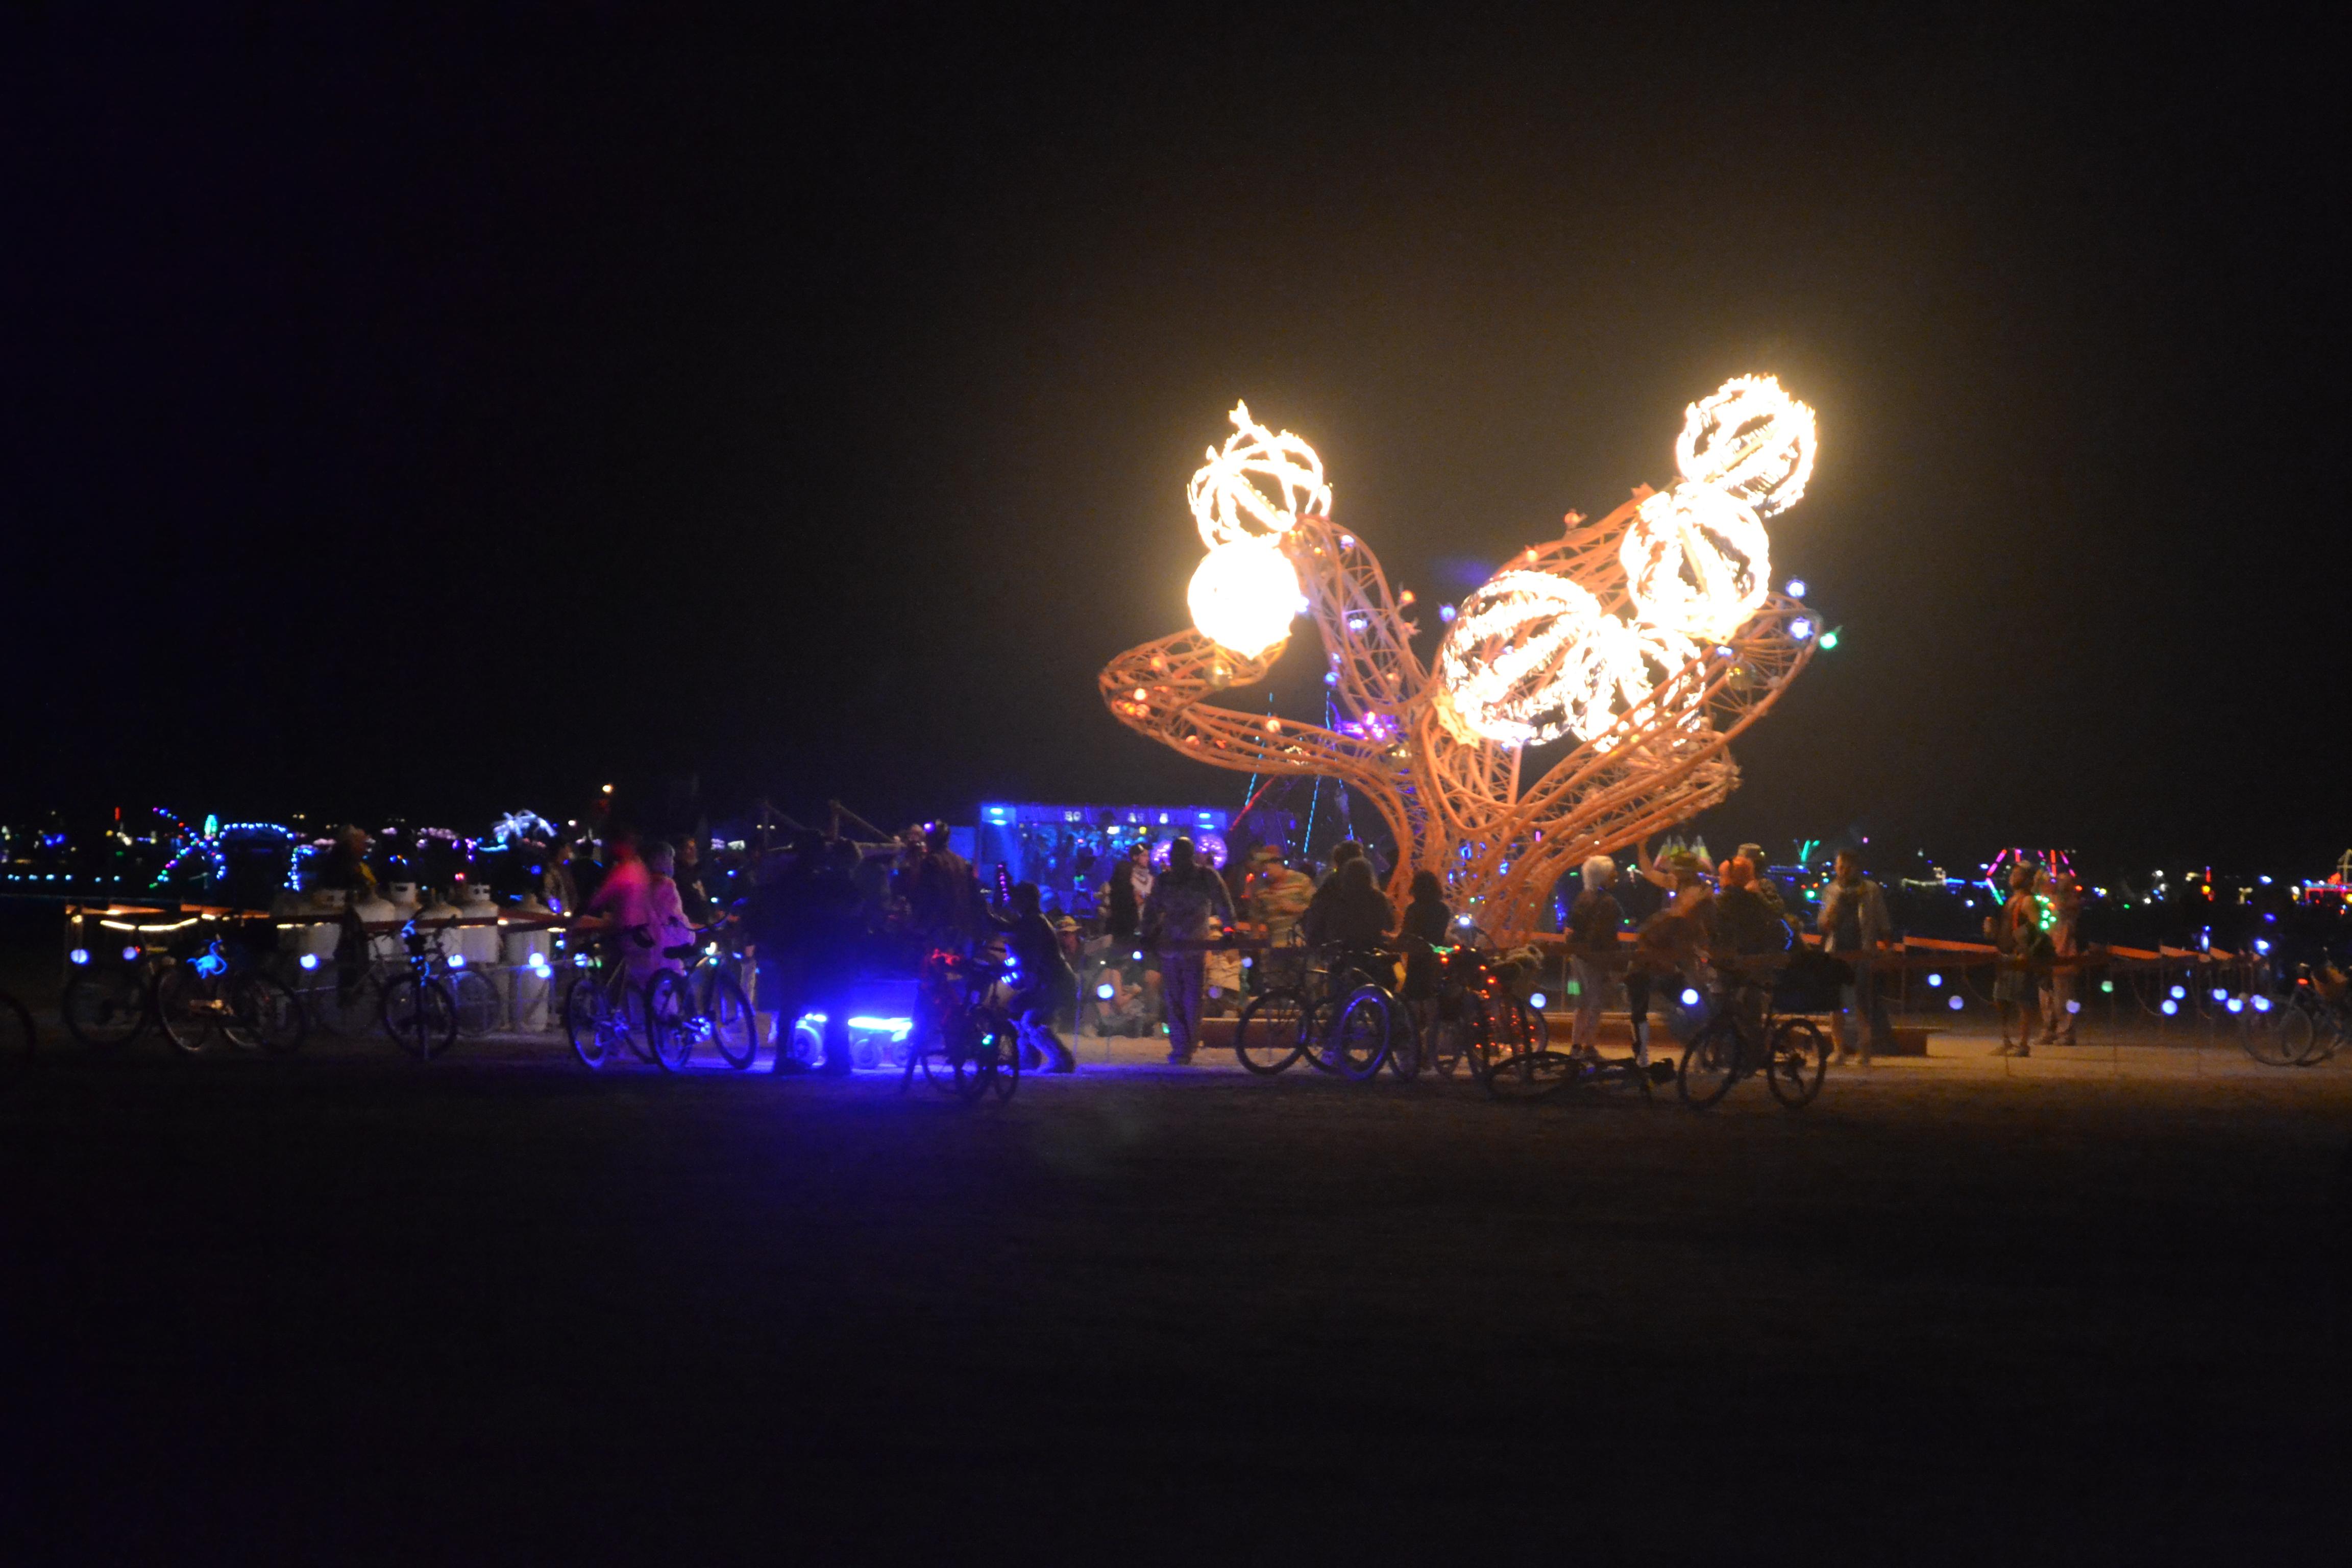 פסטיבל ברנינג מן, נבדה. צילום: אביב דגני